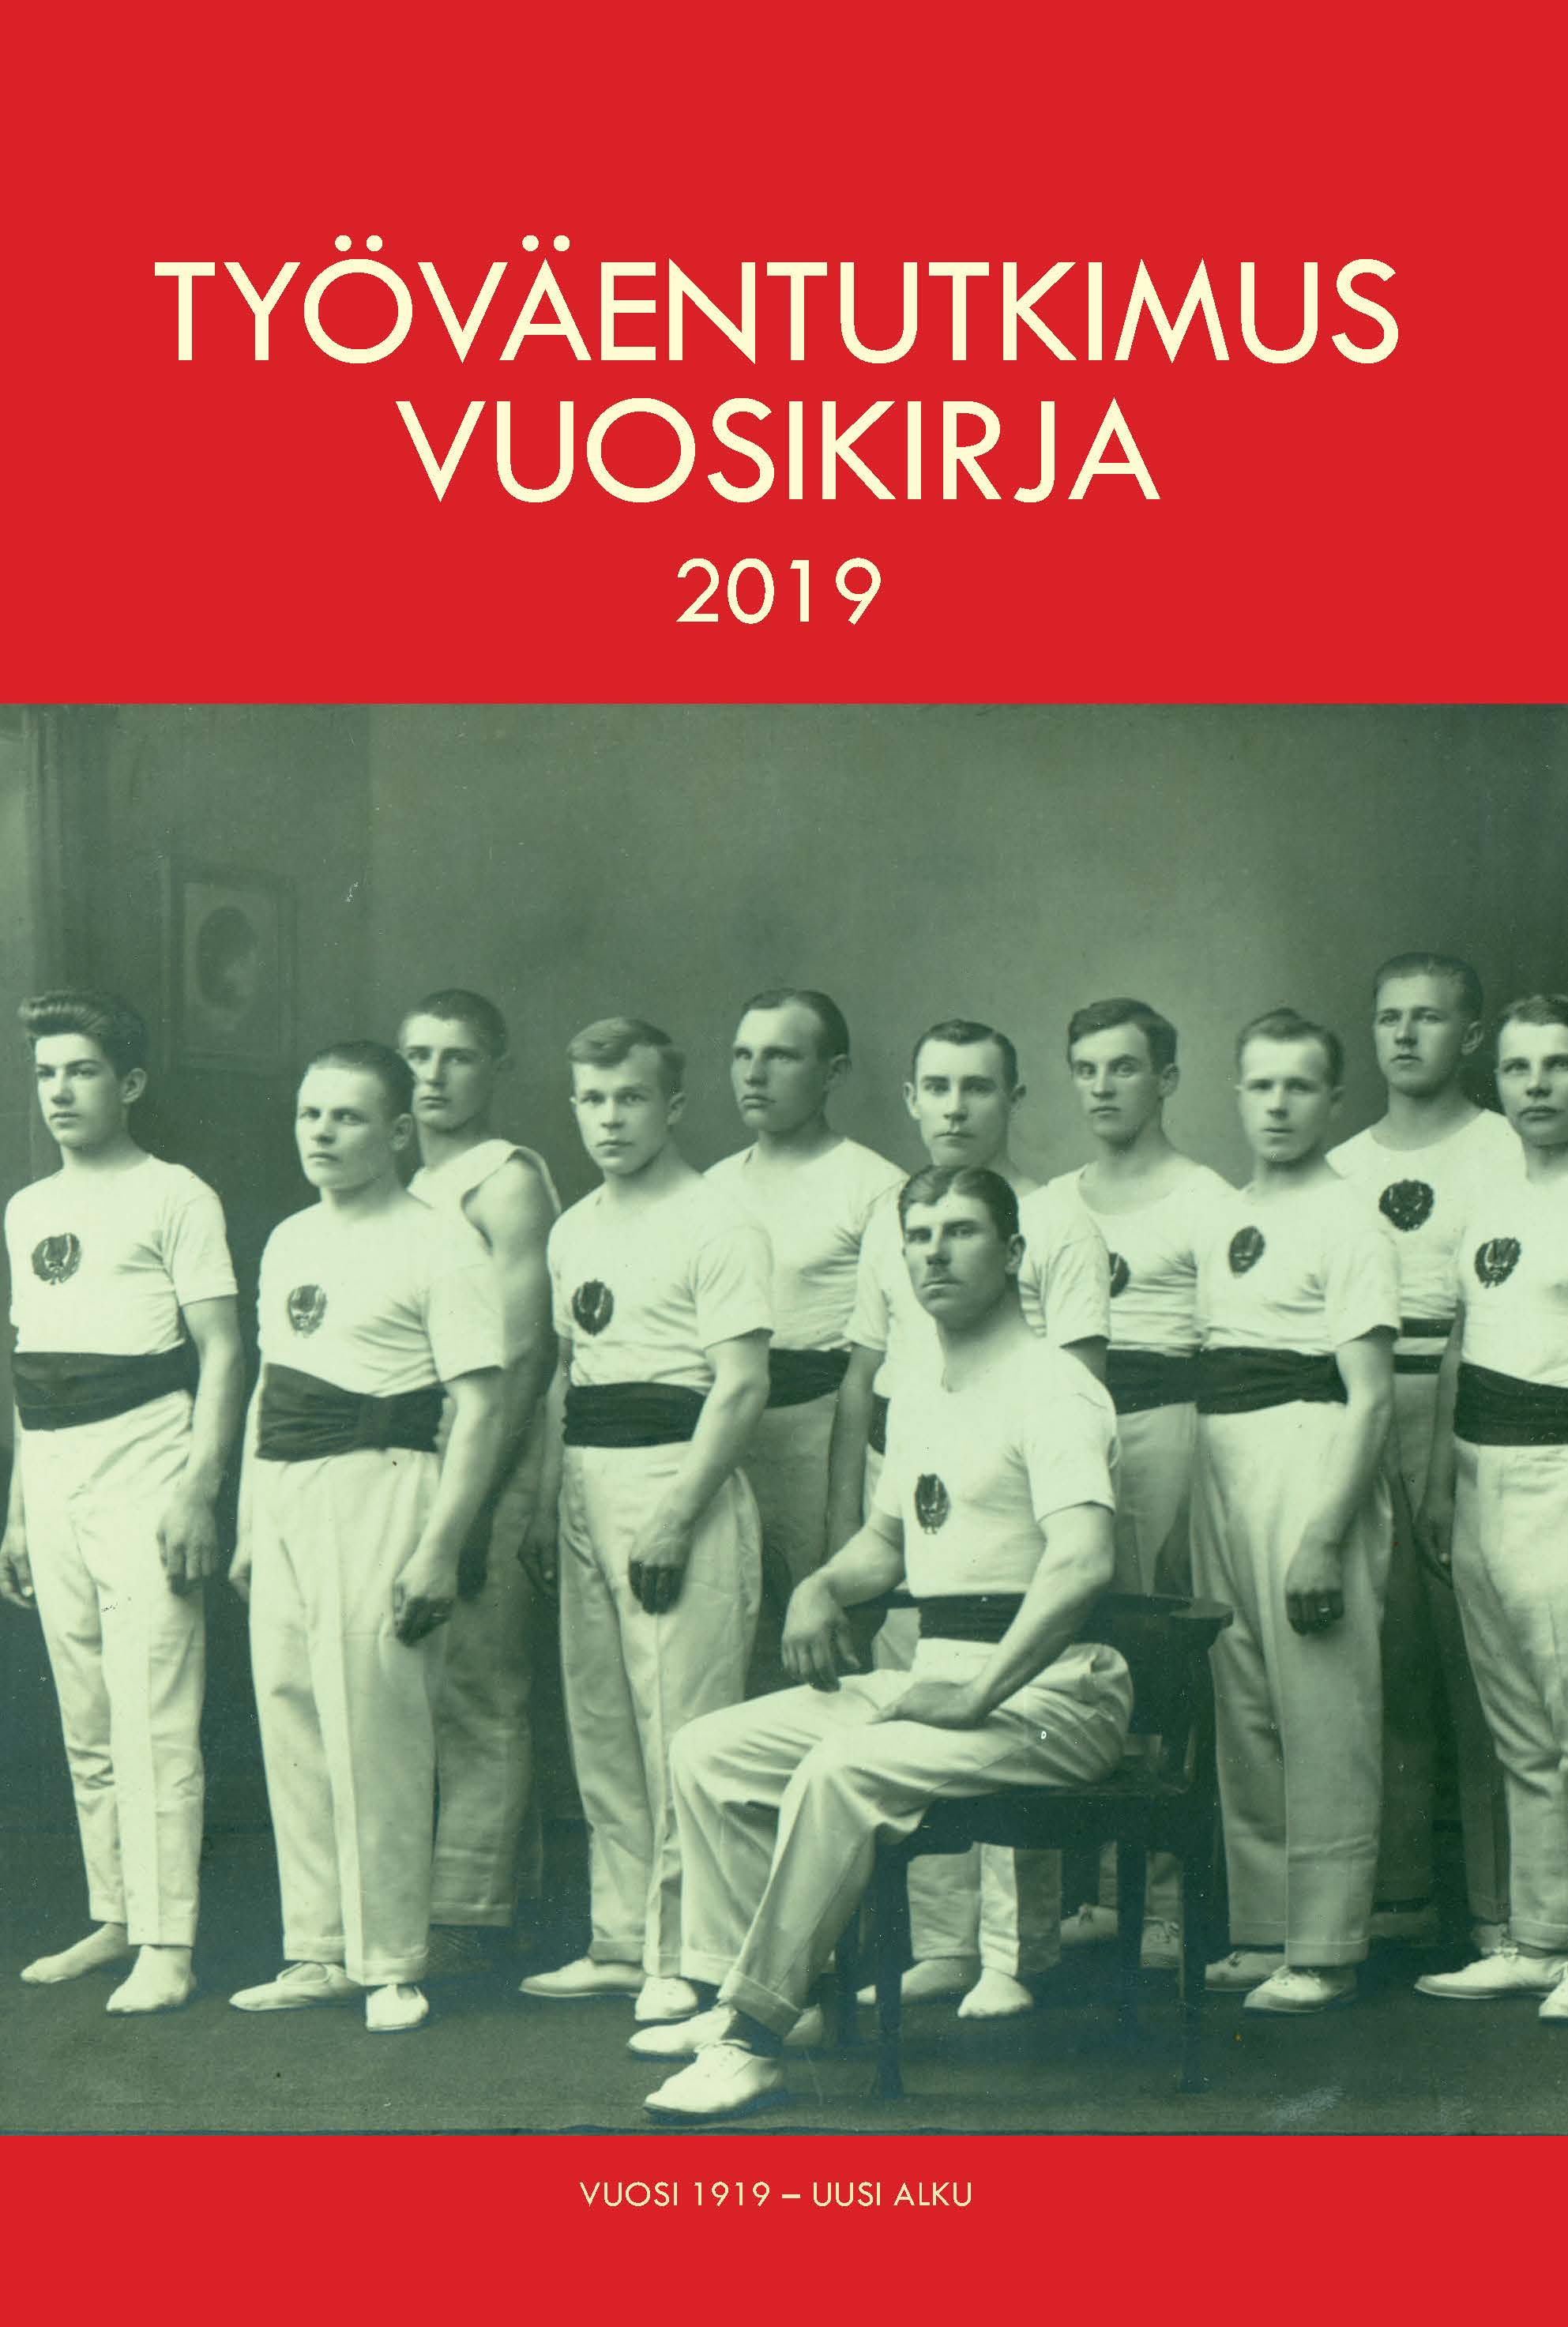 Tahmelan Vesan miesvoimistelijoita Tampereella vuonna 1927.